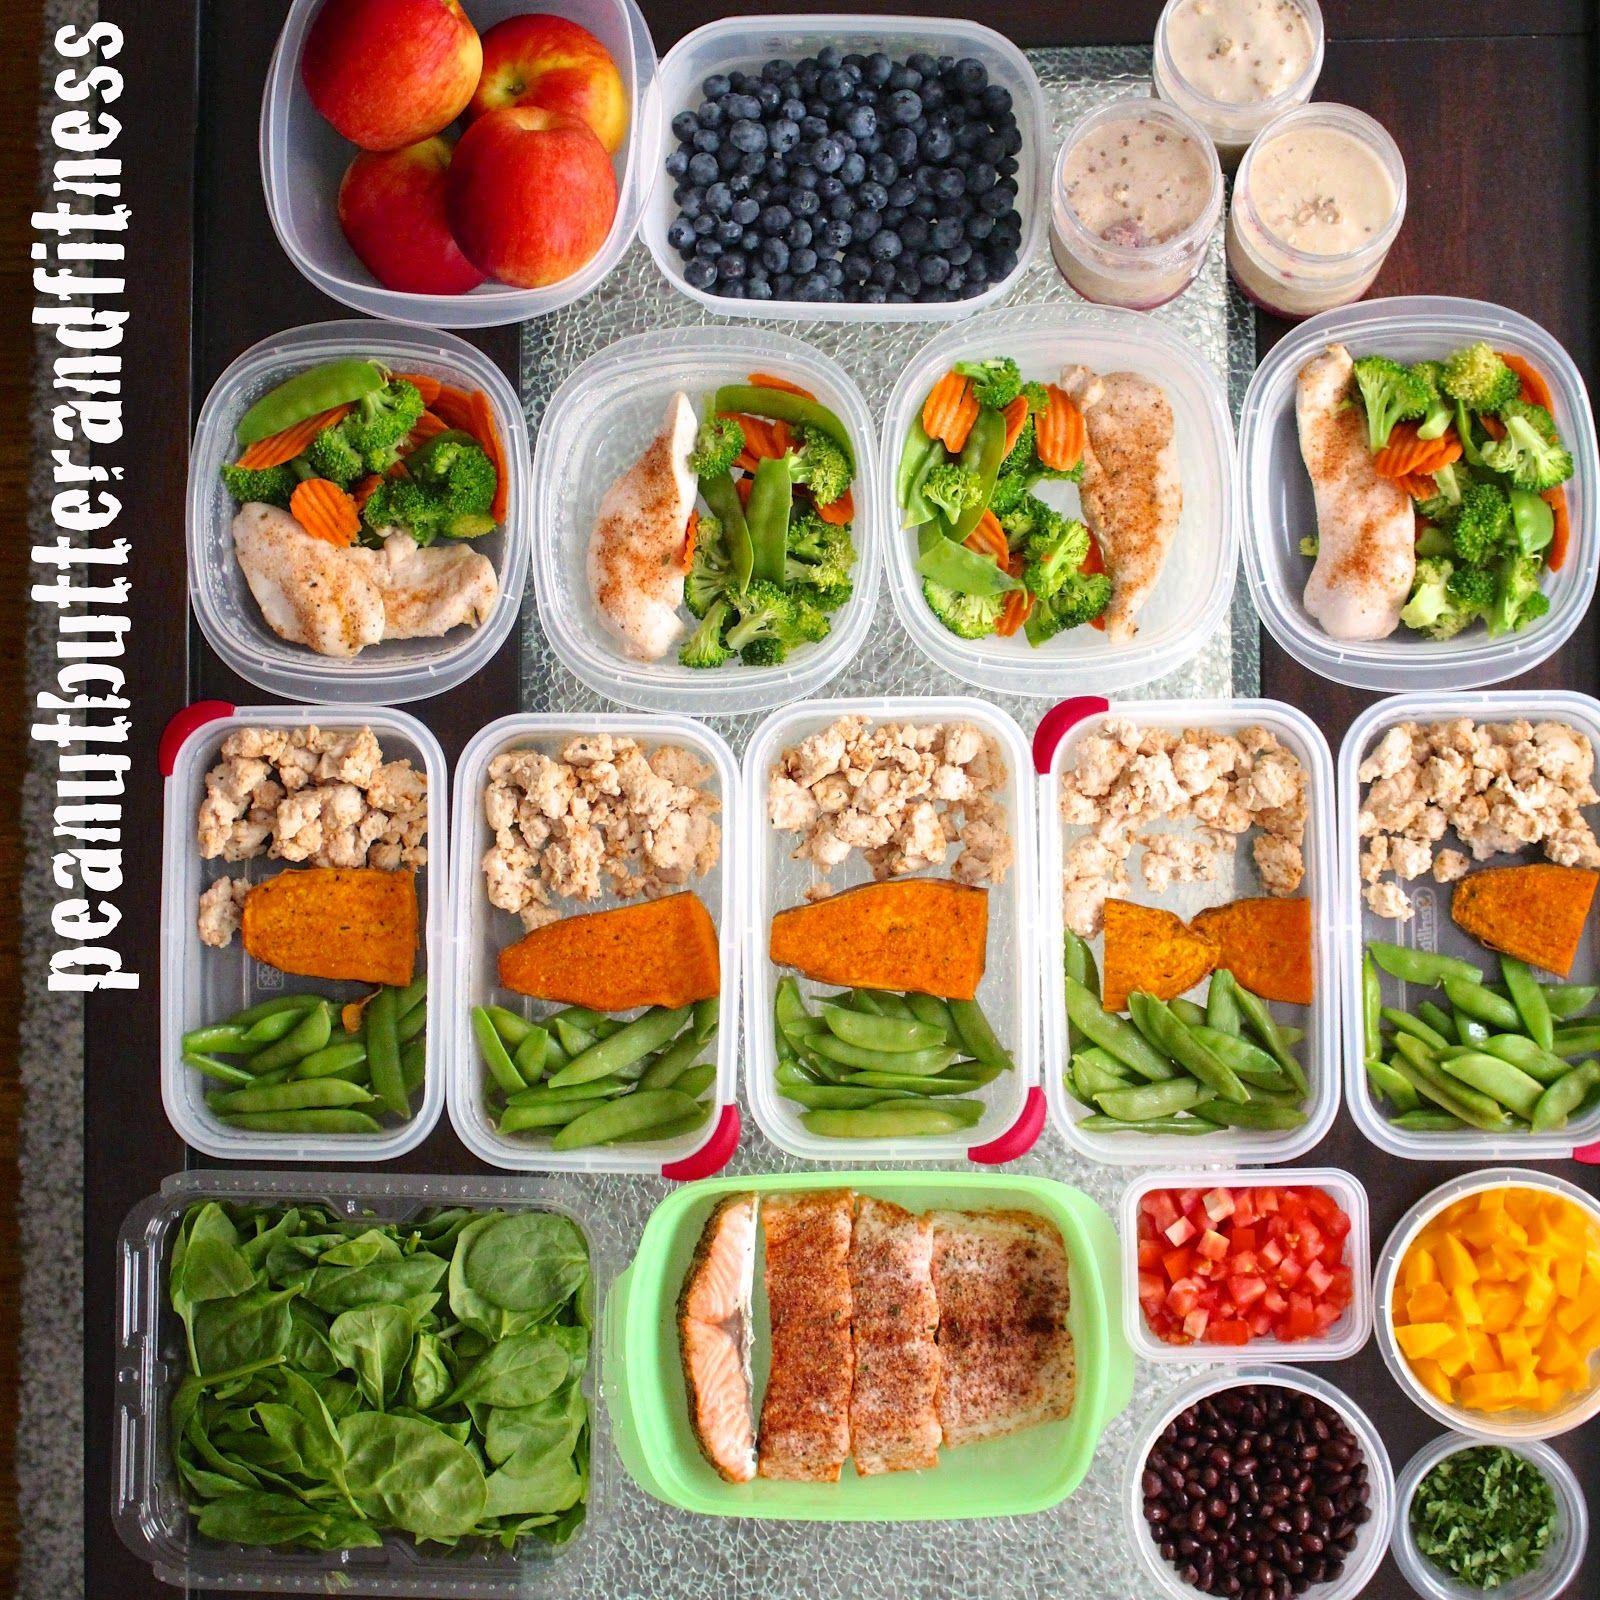 Дешевый Рацион Похудения. Самая дешевая диета для быстрого похудения: меню из доступных продуктов